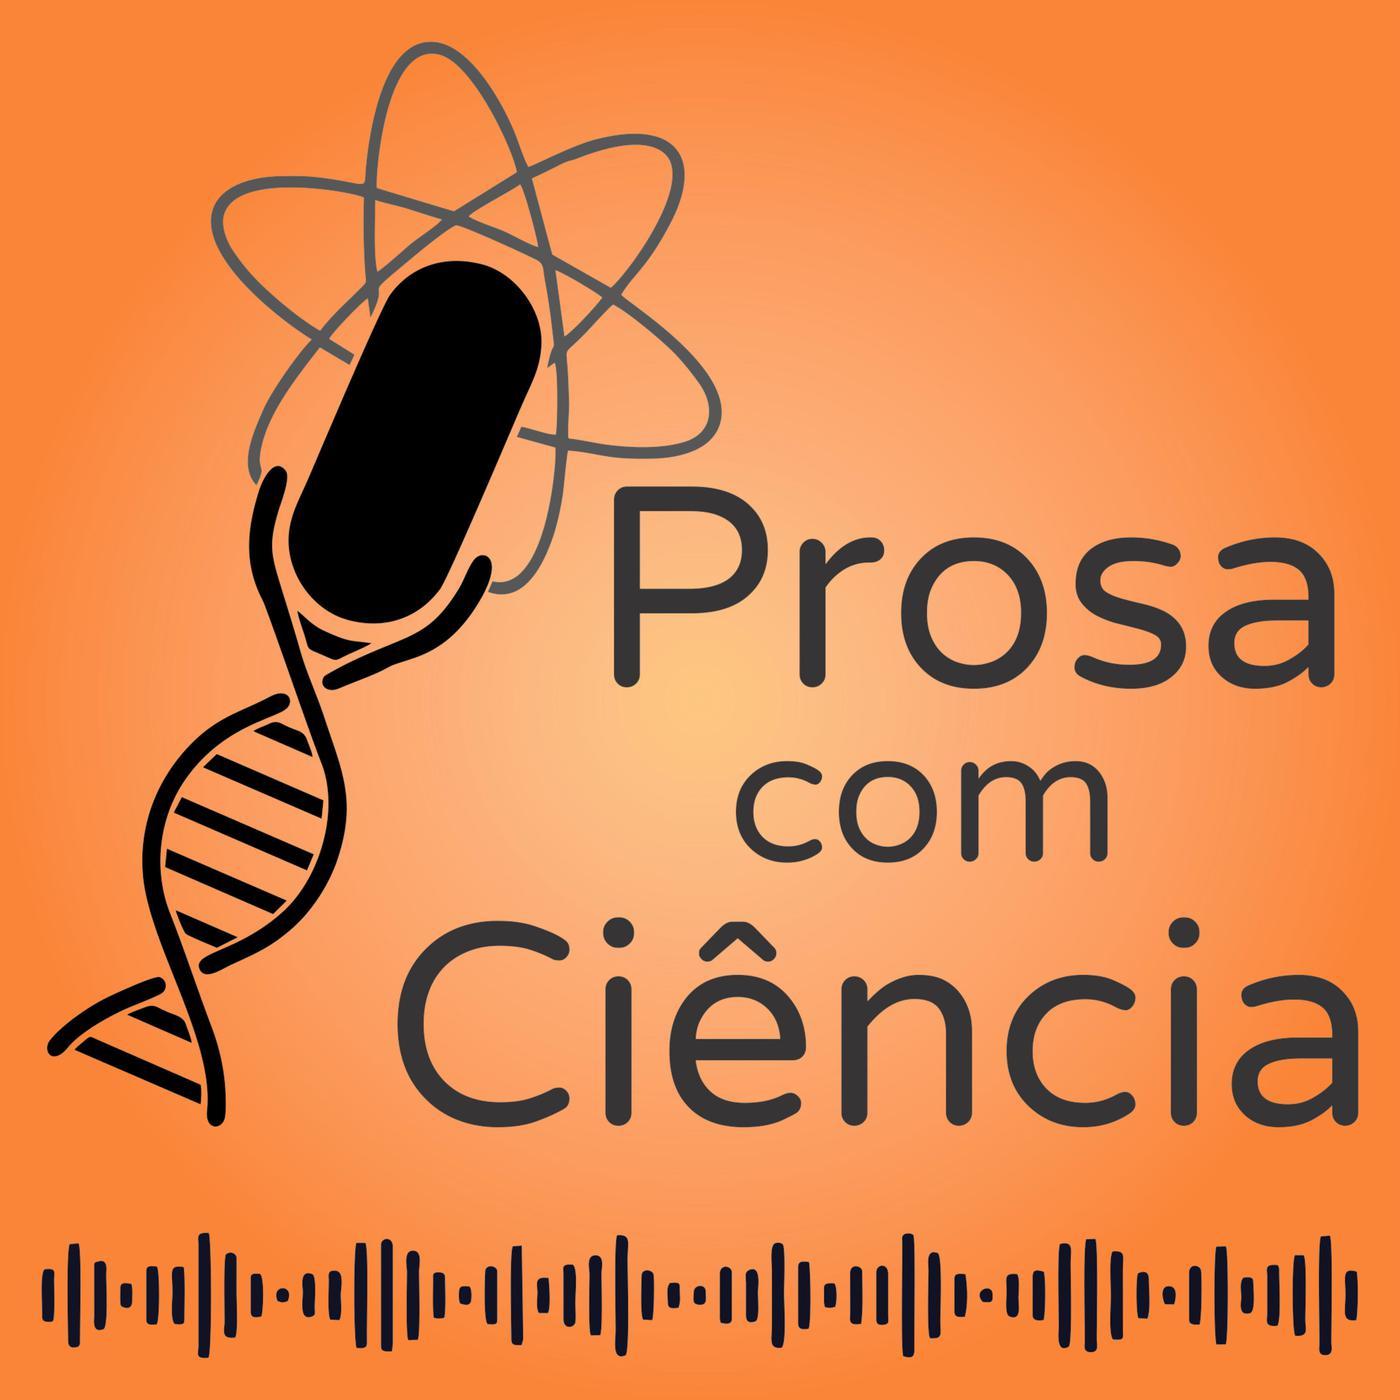 Prosa com Ciência - Apresentação - Prosa com Ciência (podcast ...